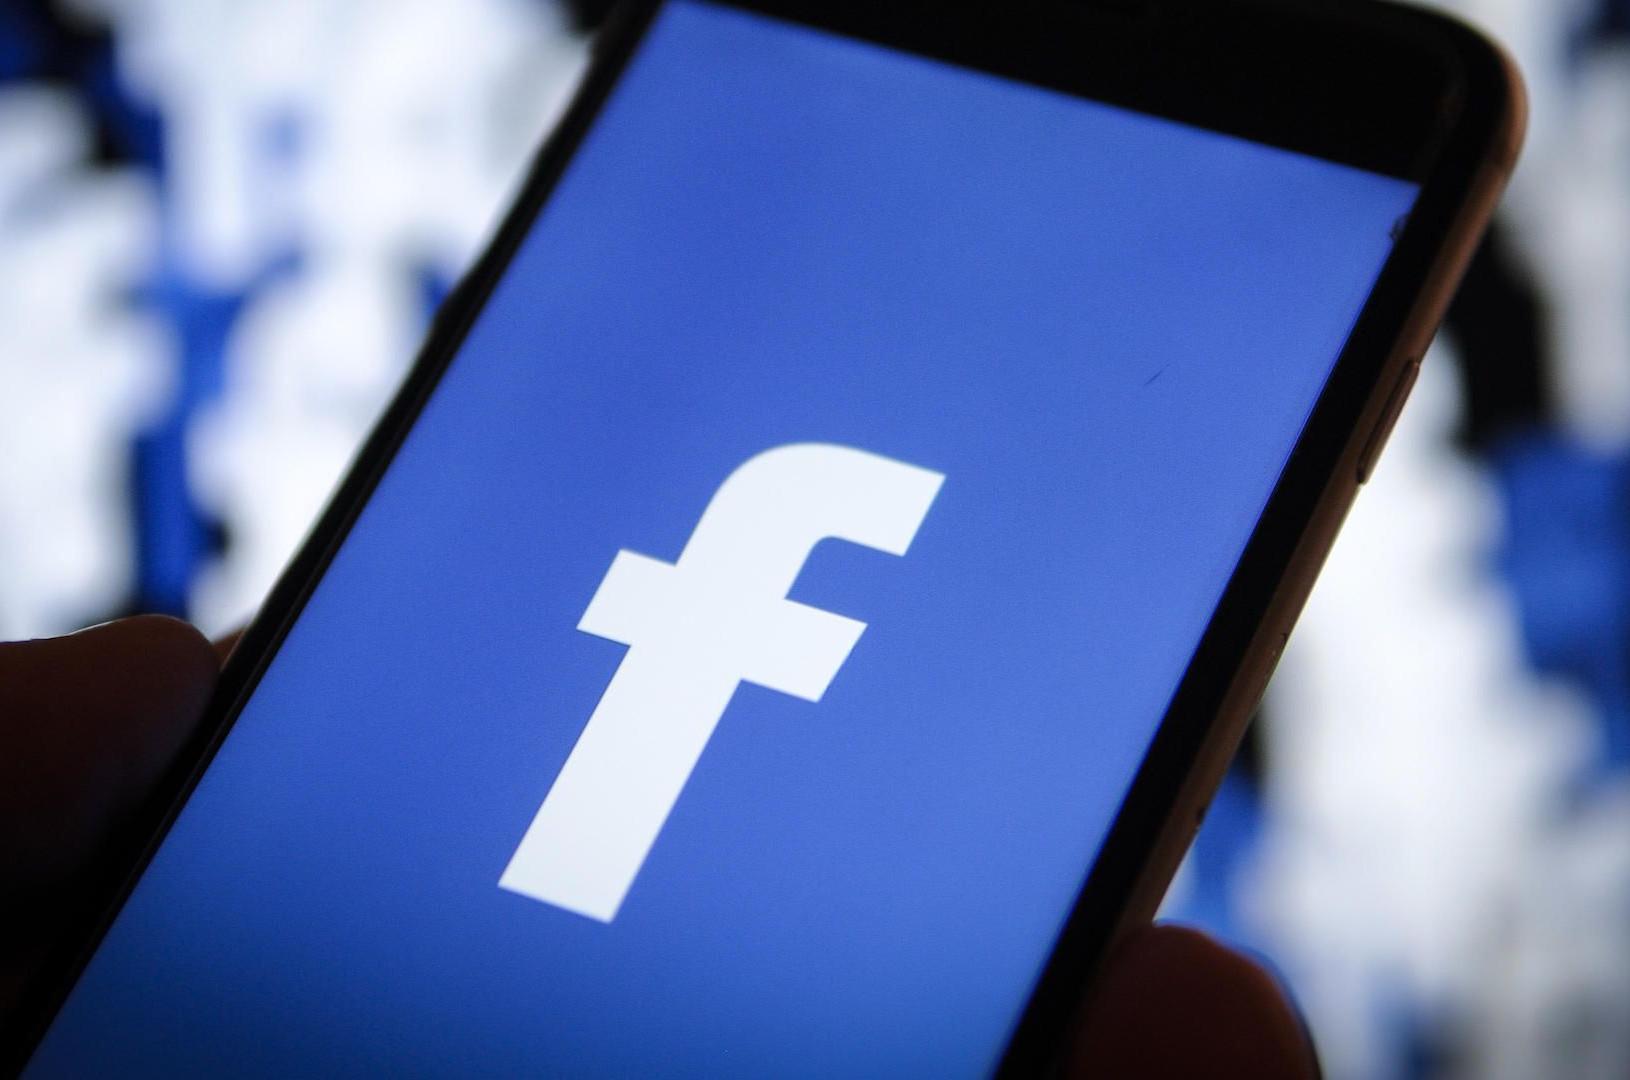 'Só uso Facebook para falar com meus avós', disse entrevistado. (Foto: Reprodução)